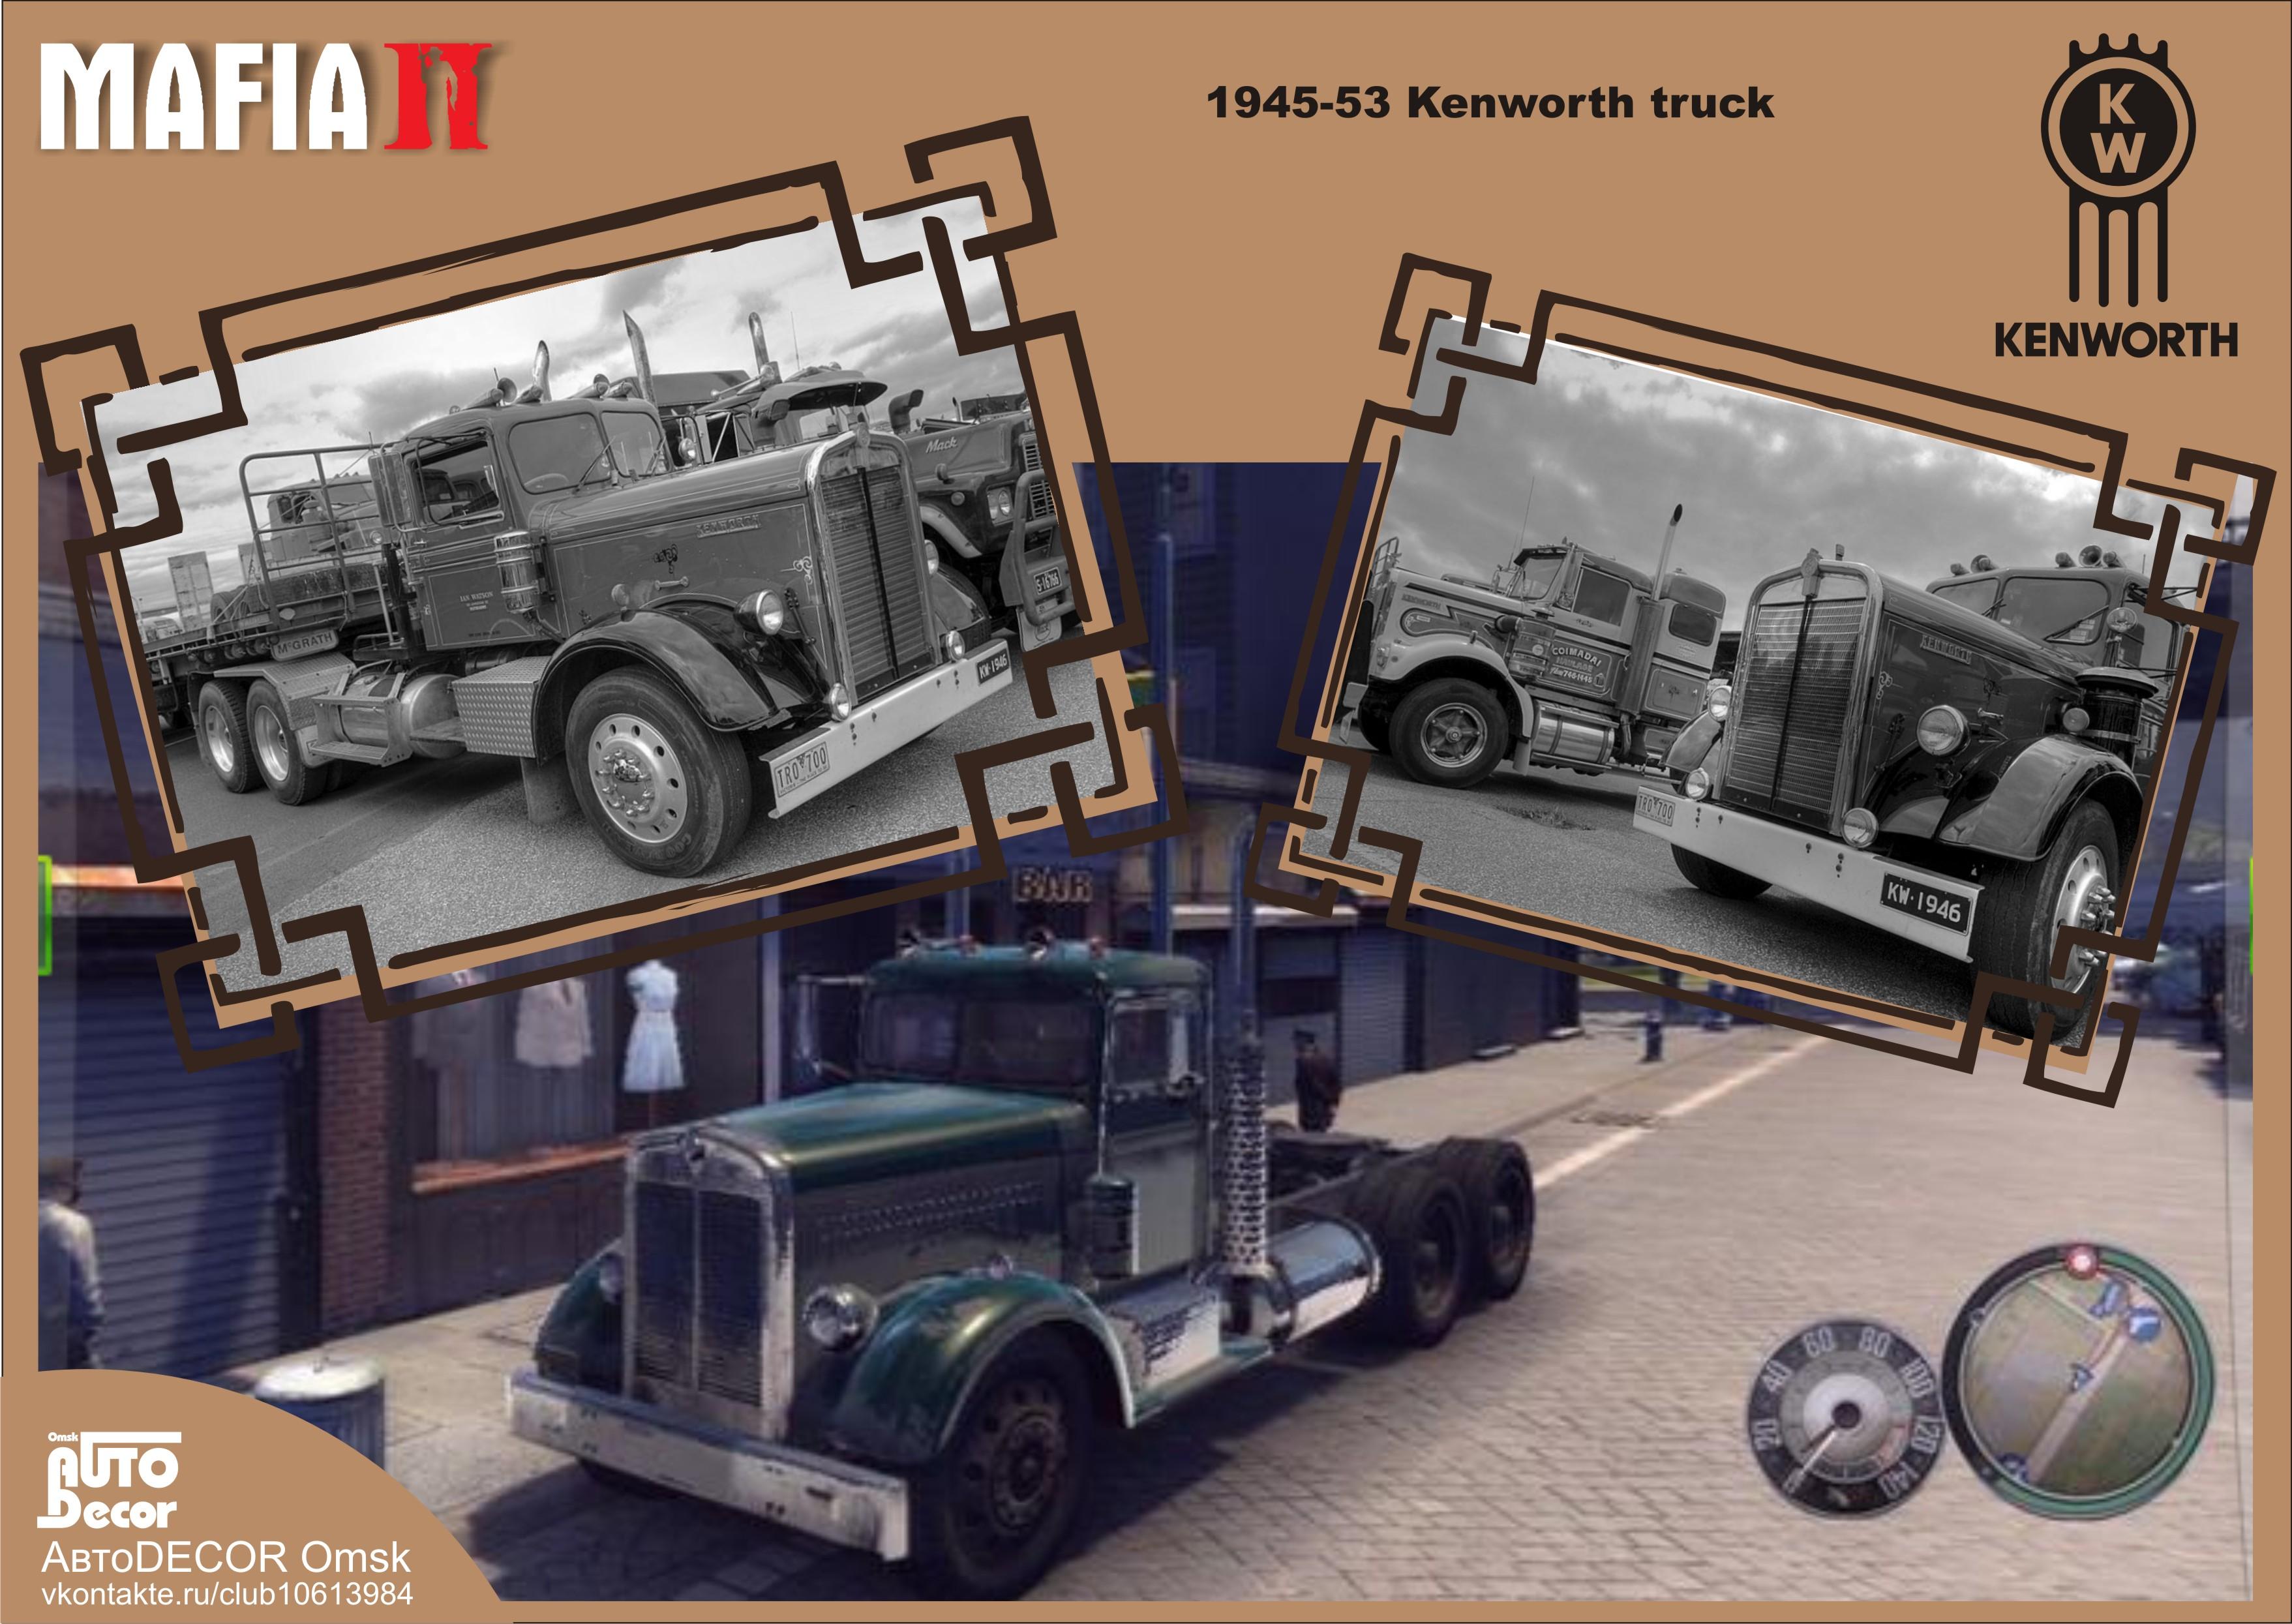 1953 Kenworth - Mafia 2